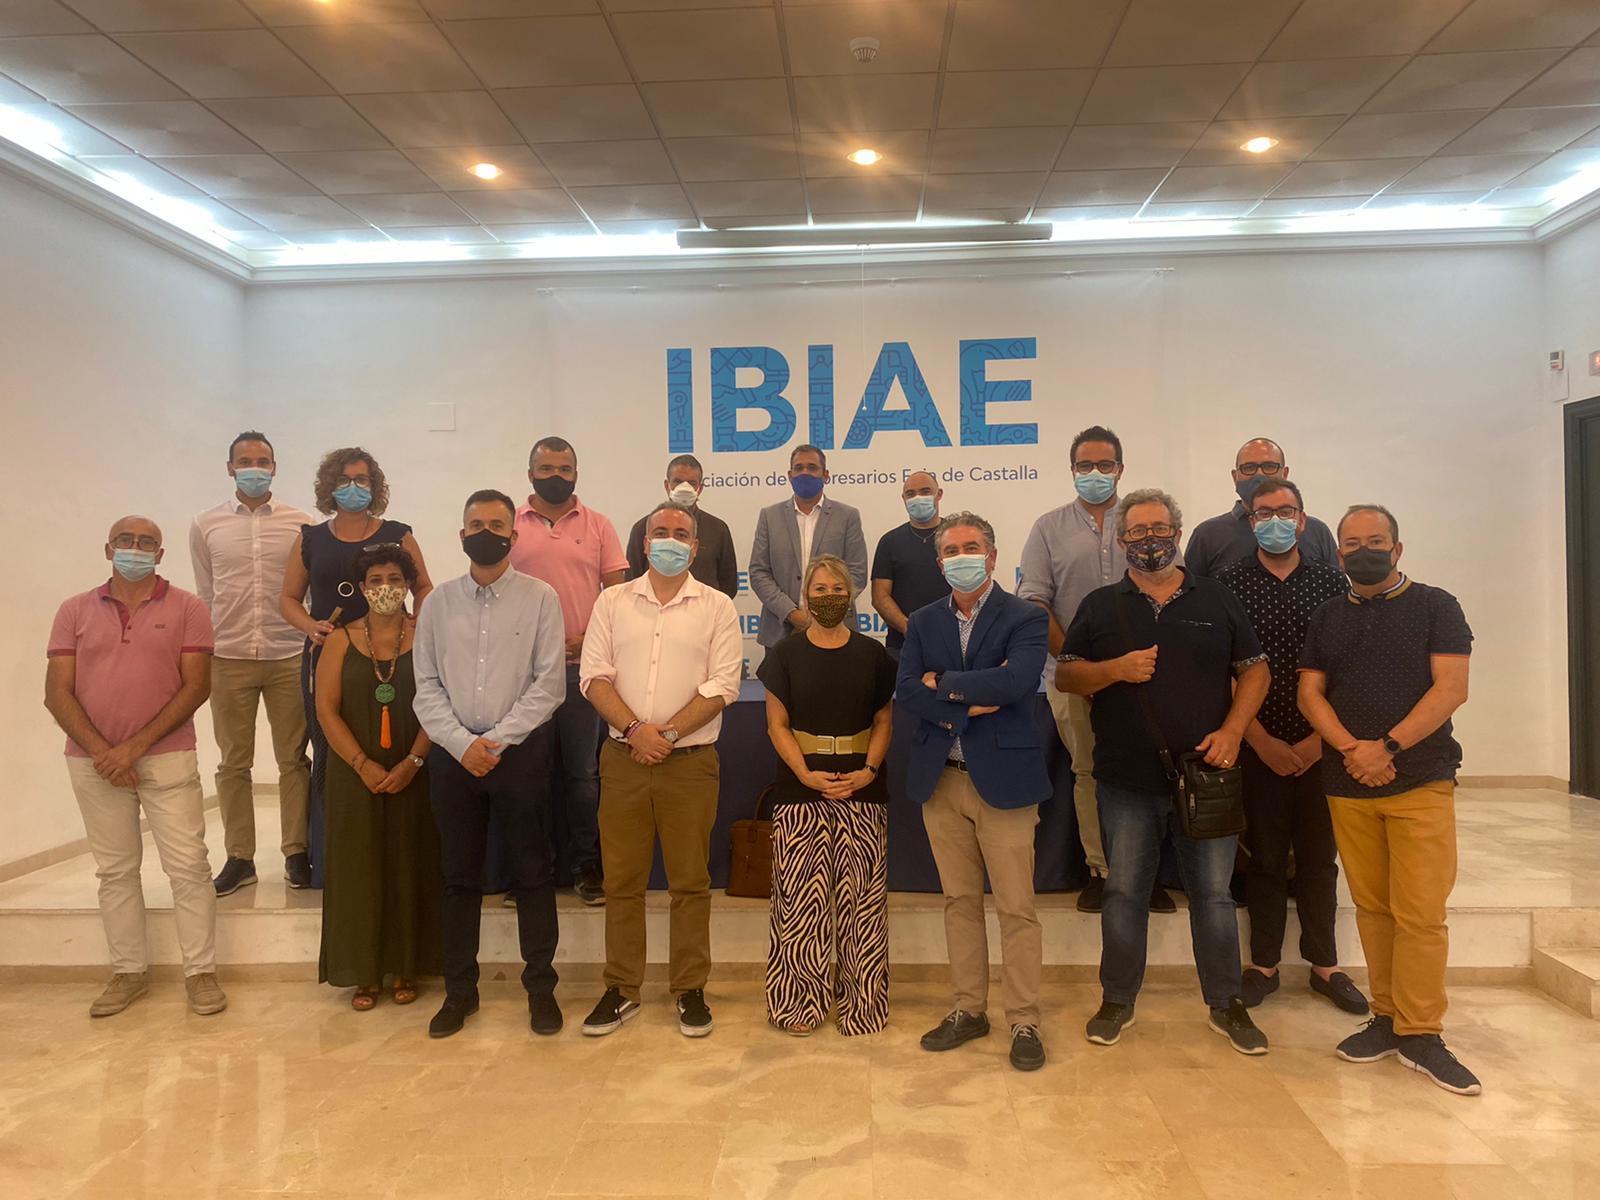 """Rodríguez-Piñero se compromete con IBIAE a generar """"una agenda de trabajo conjunta en Bruselas y mejorar la interlocución para que Europa conozca de cerca los retos de esta industria"""""""